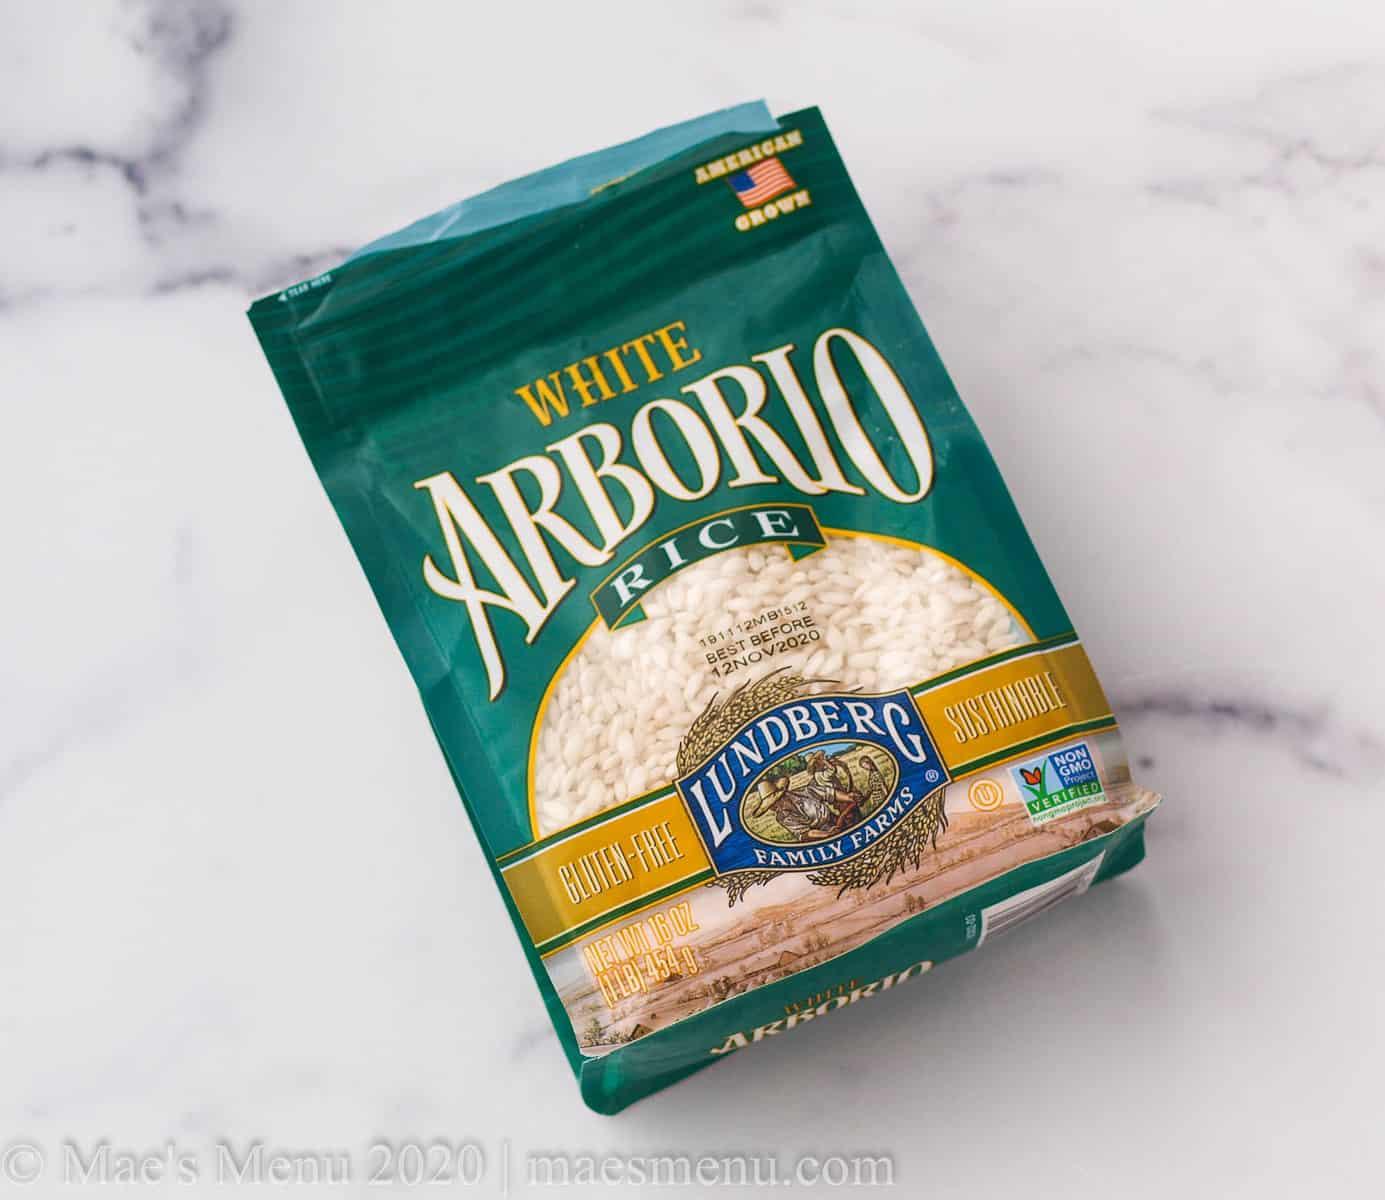 A green bag of Lundberg brand white arborio rice